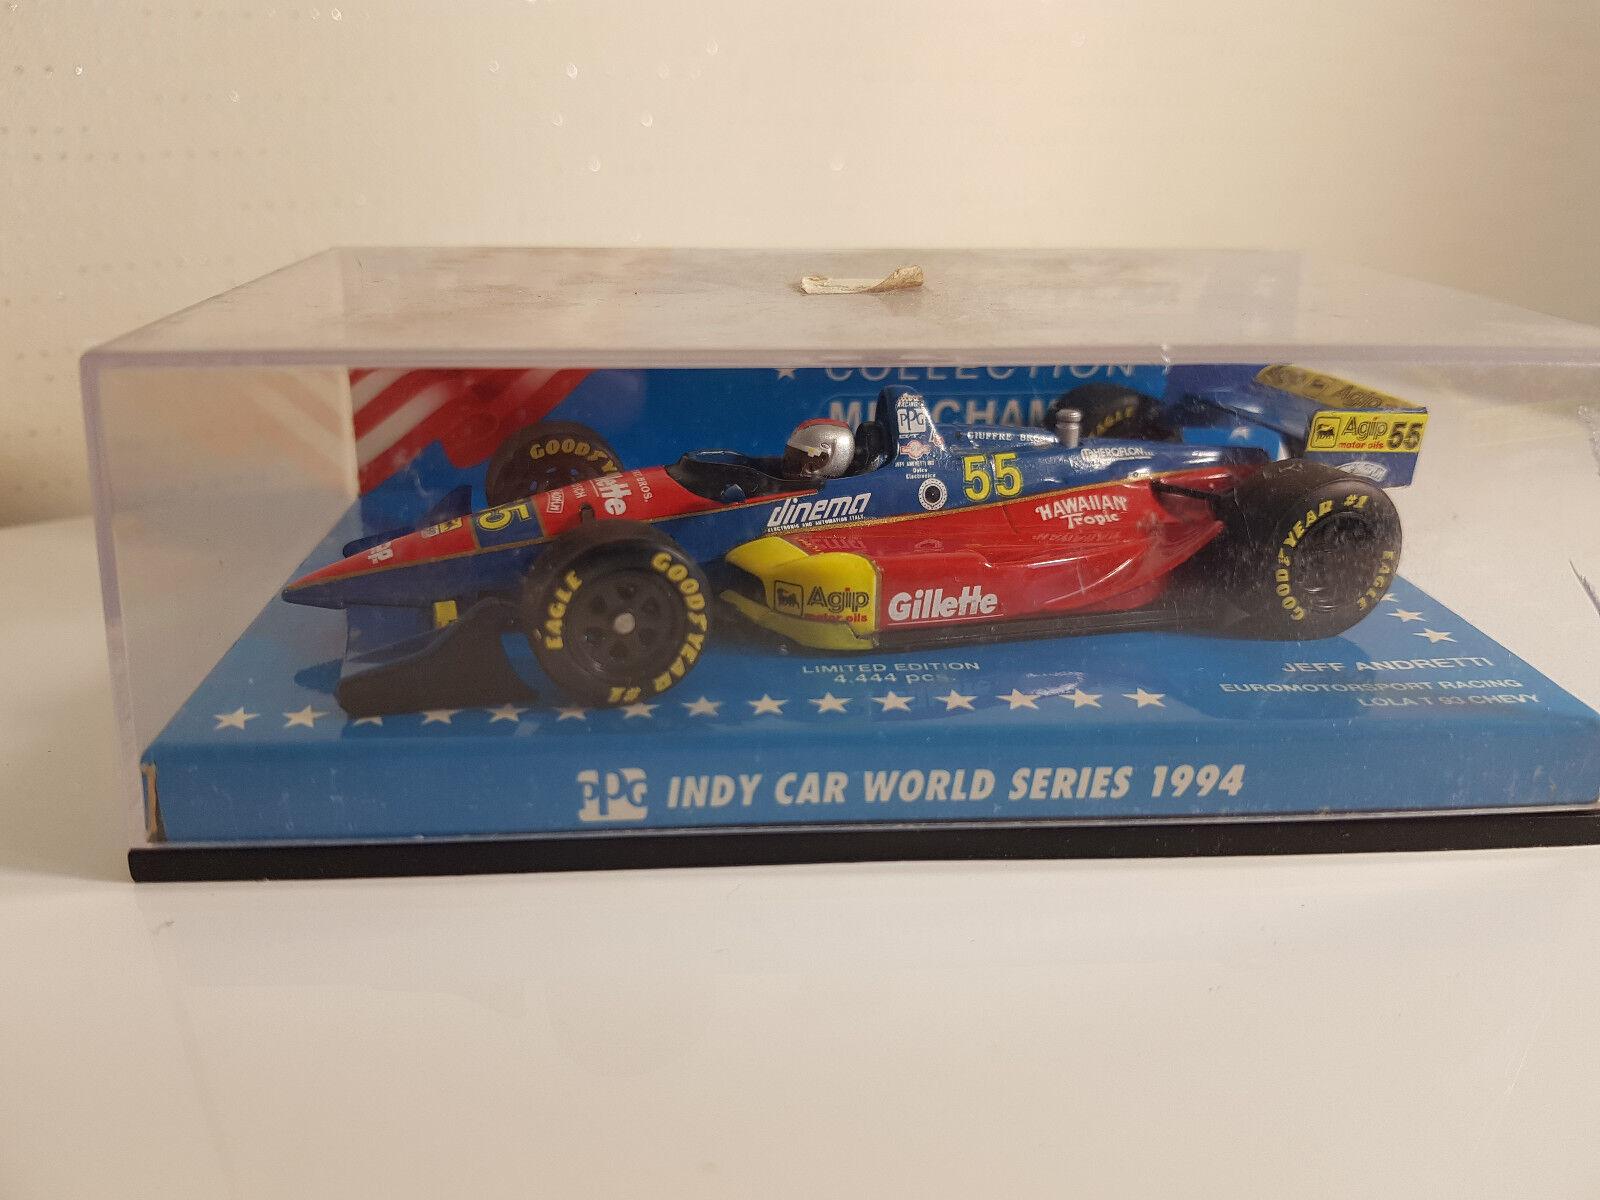 Minichamps Indy car 1994 Jeff Andretti 1 43 comme comme comme neuf Rare Edition Limité 8739db